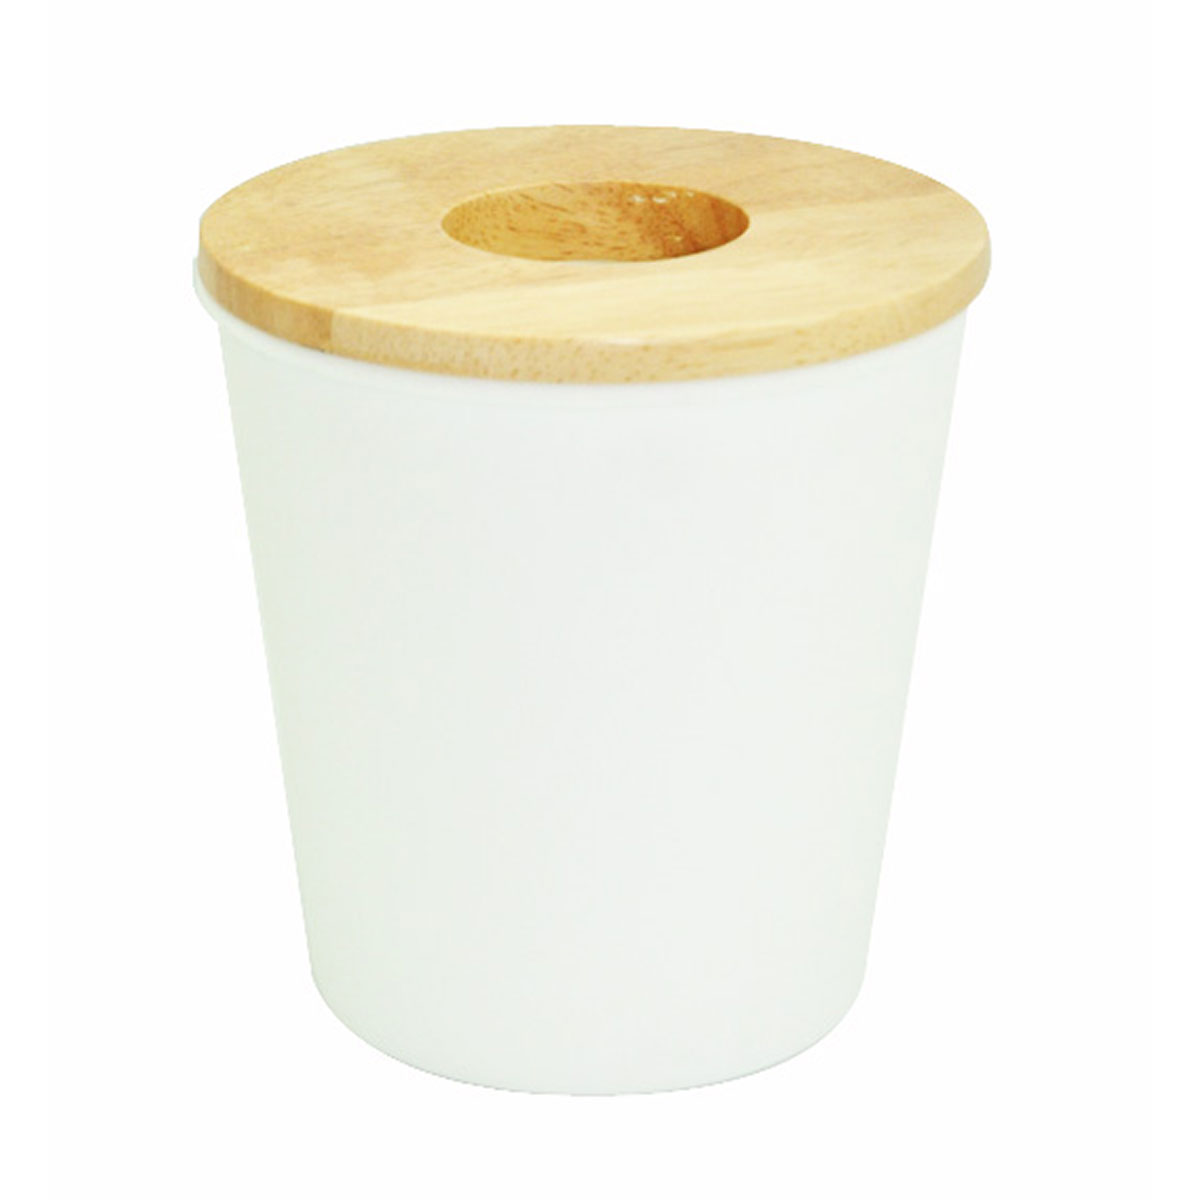 Mini poubelle blanche avec du bois d'hévéa blanc